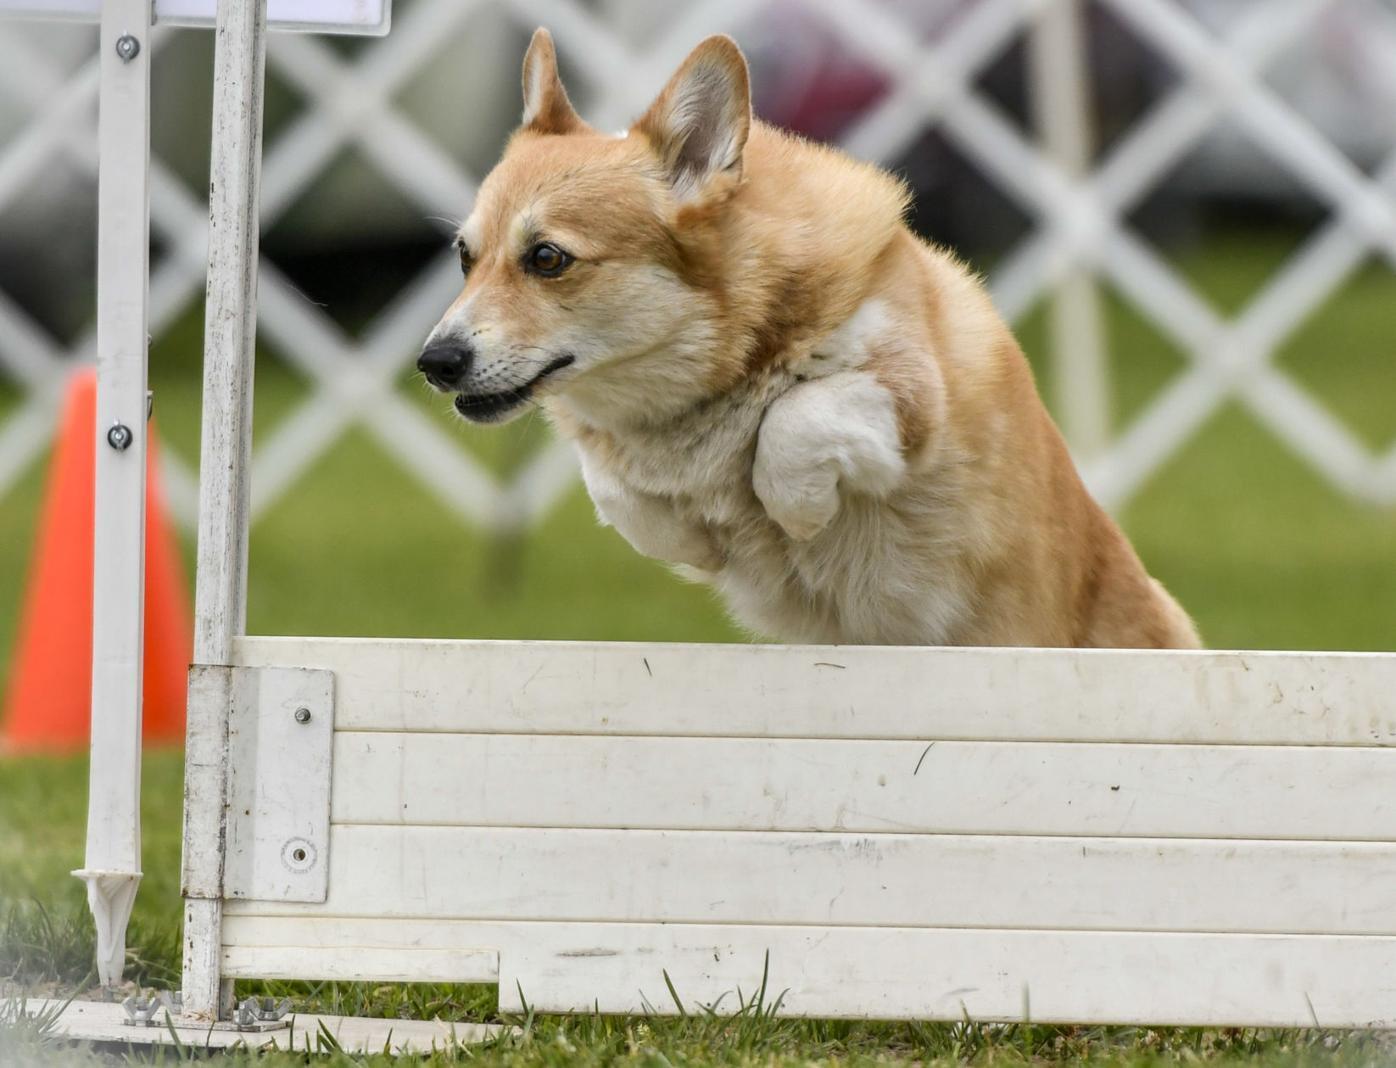 073121 Dog show 02.JPG